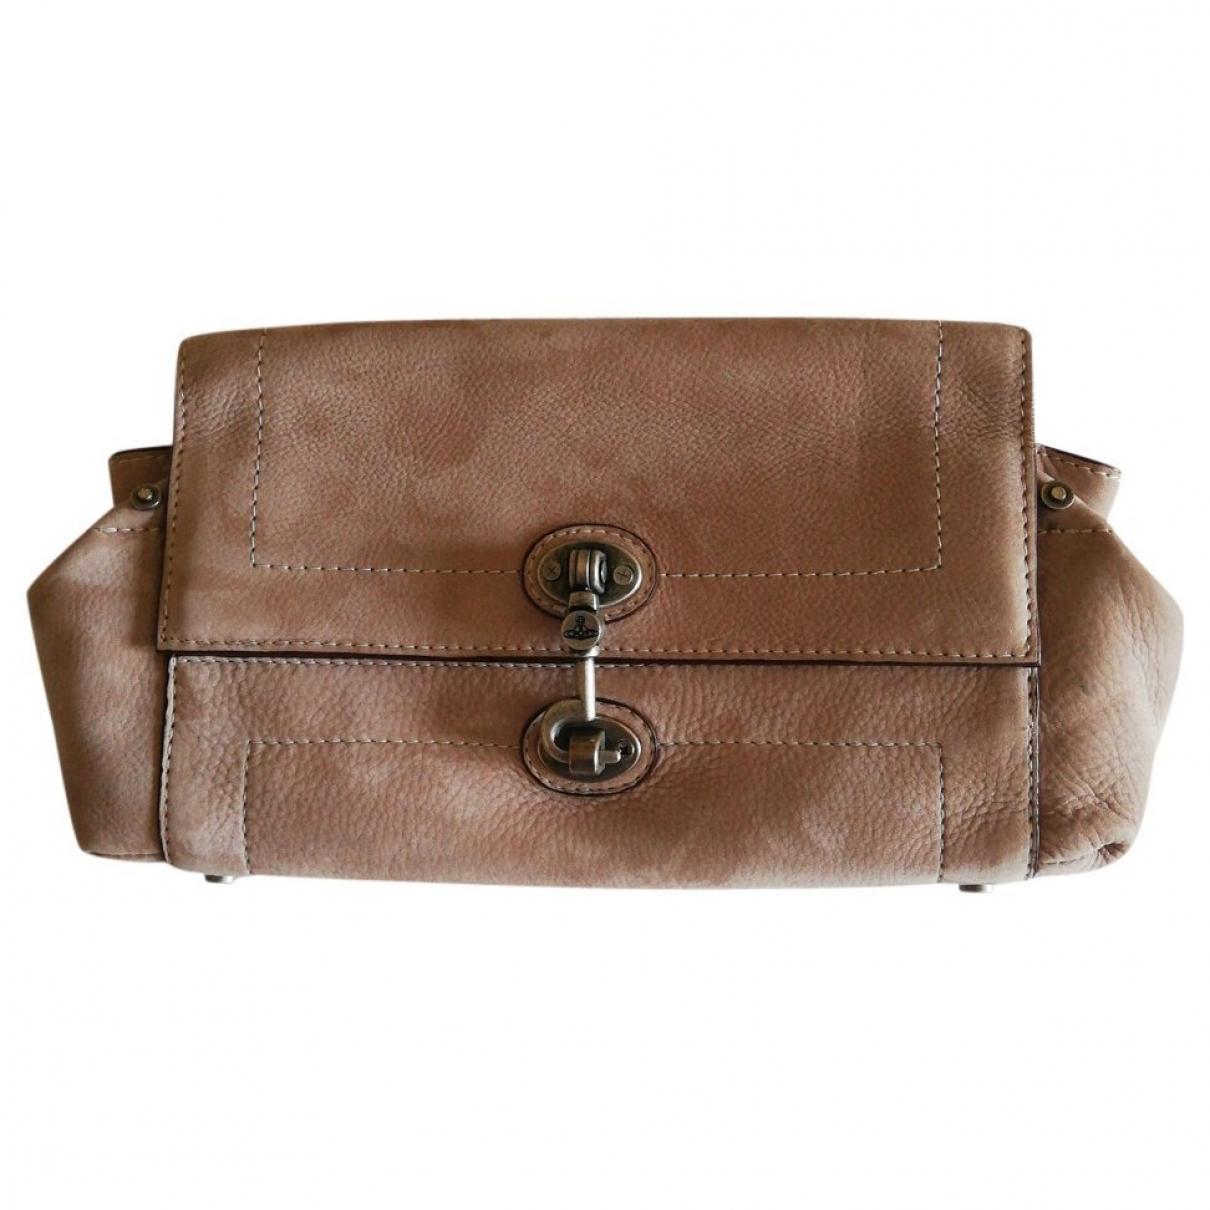 Vivienne Westwood \N Pink Suede handbag for Women \N